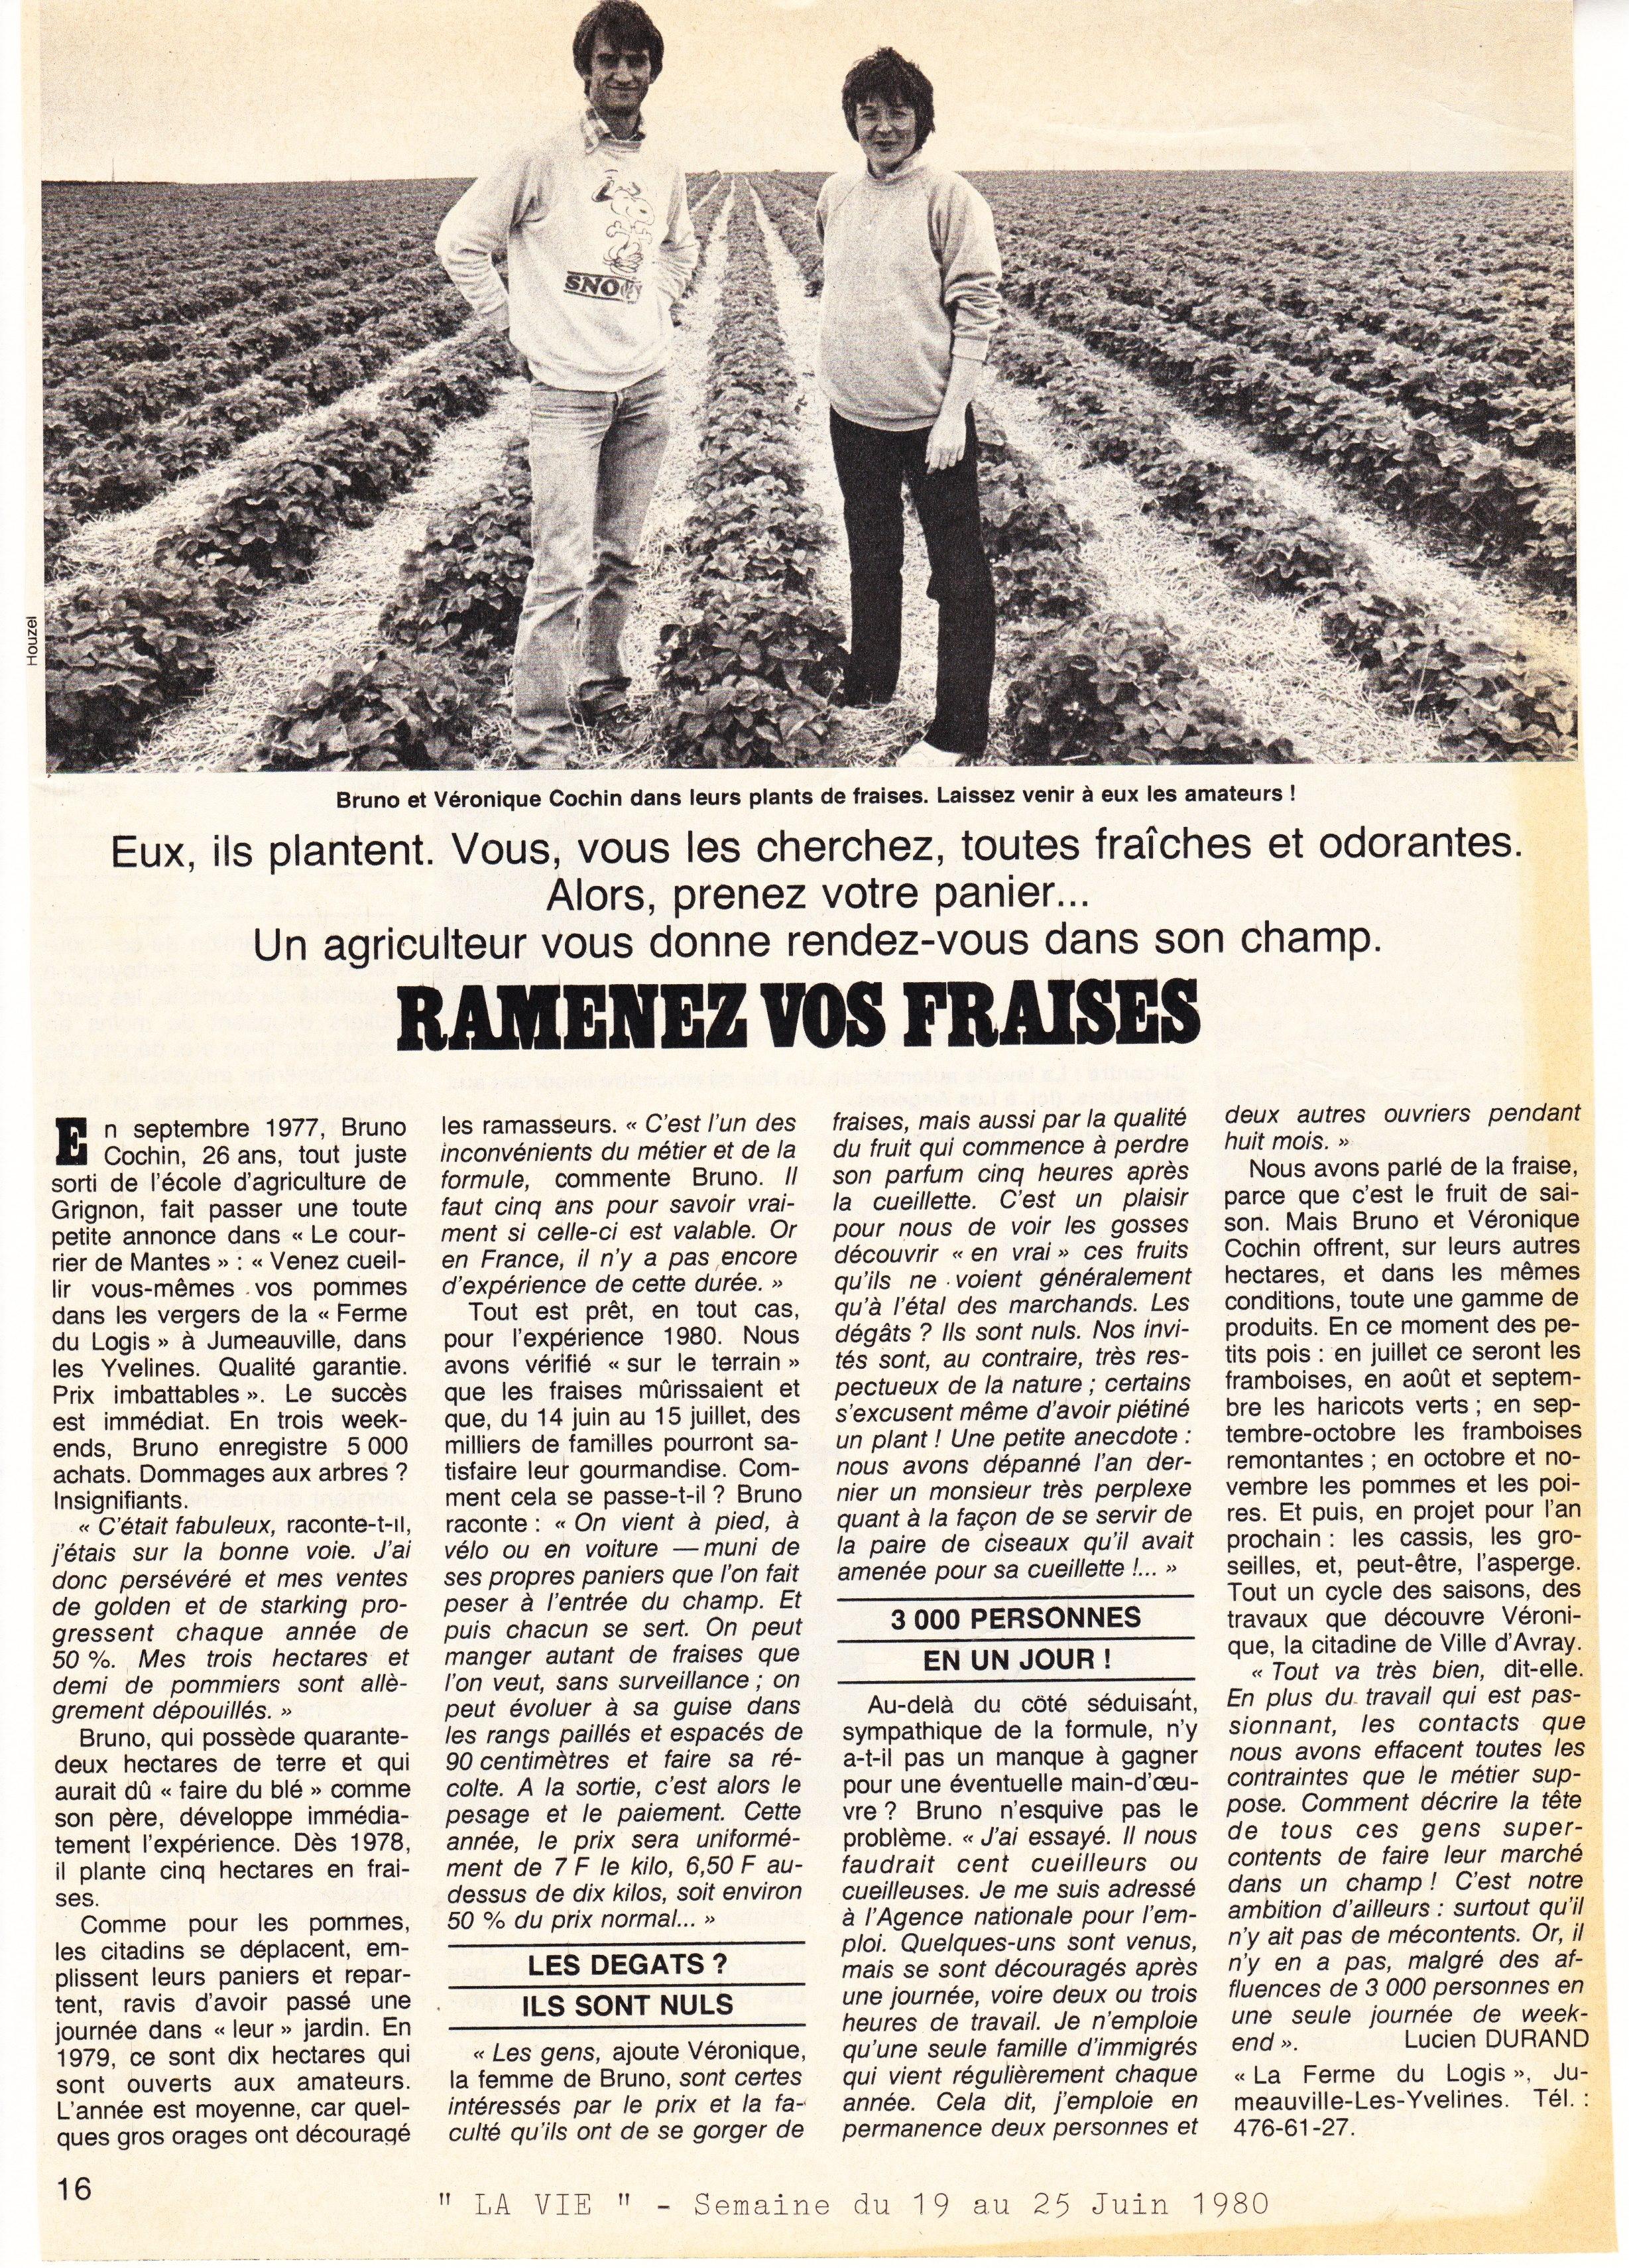 1980 juin La Vie